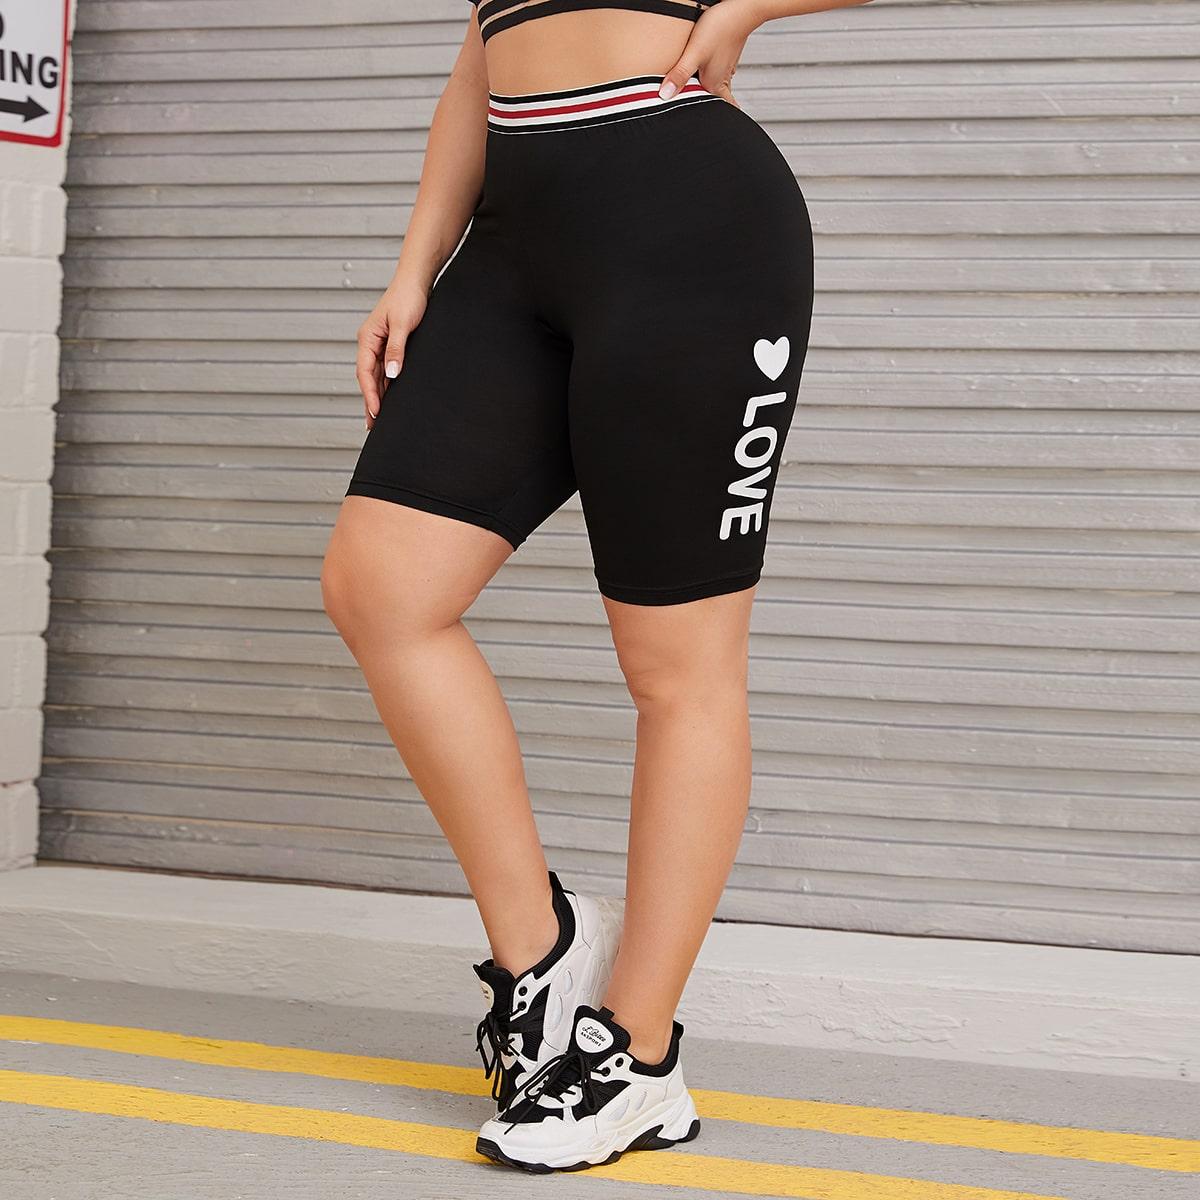 SHEIN / Shorts biker con estampado de letra y corazón - grande